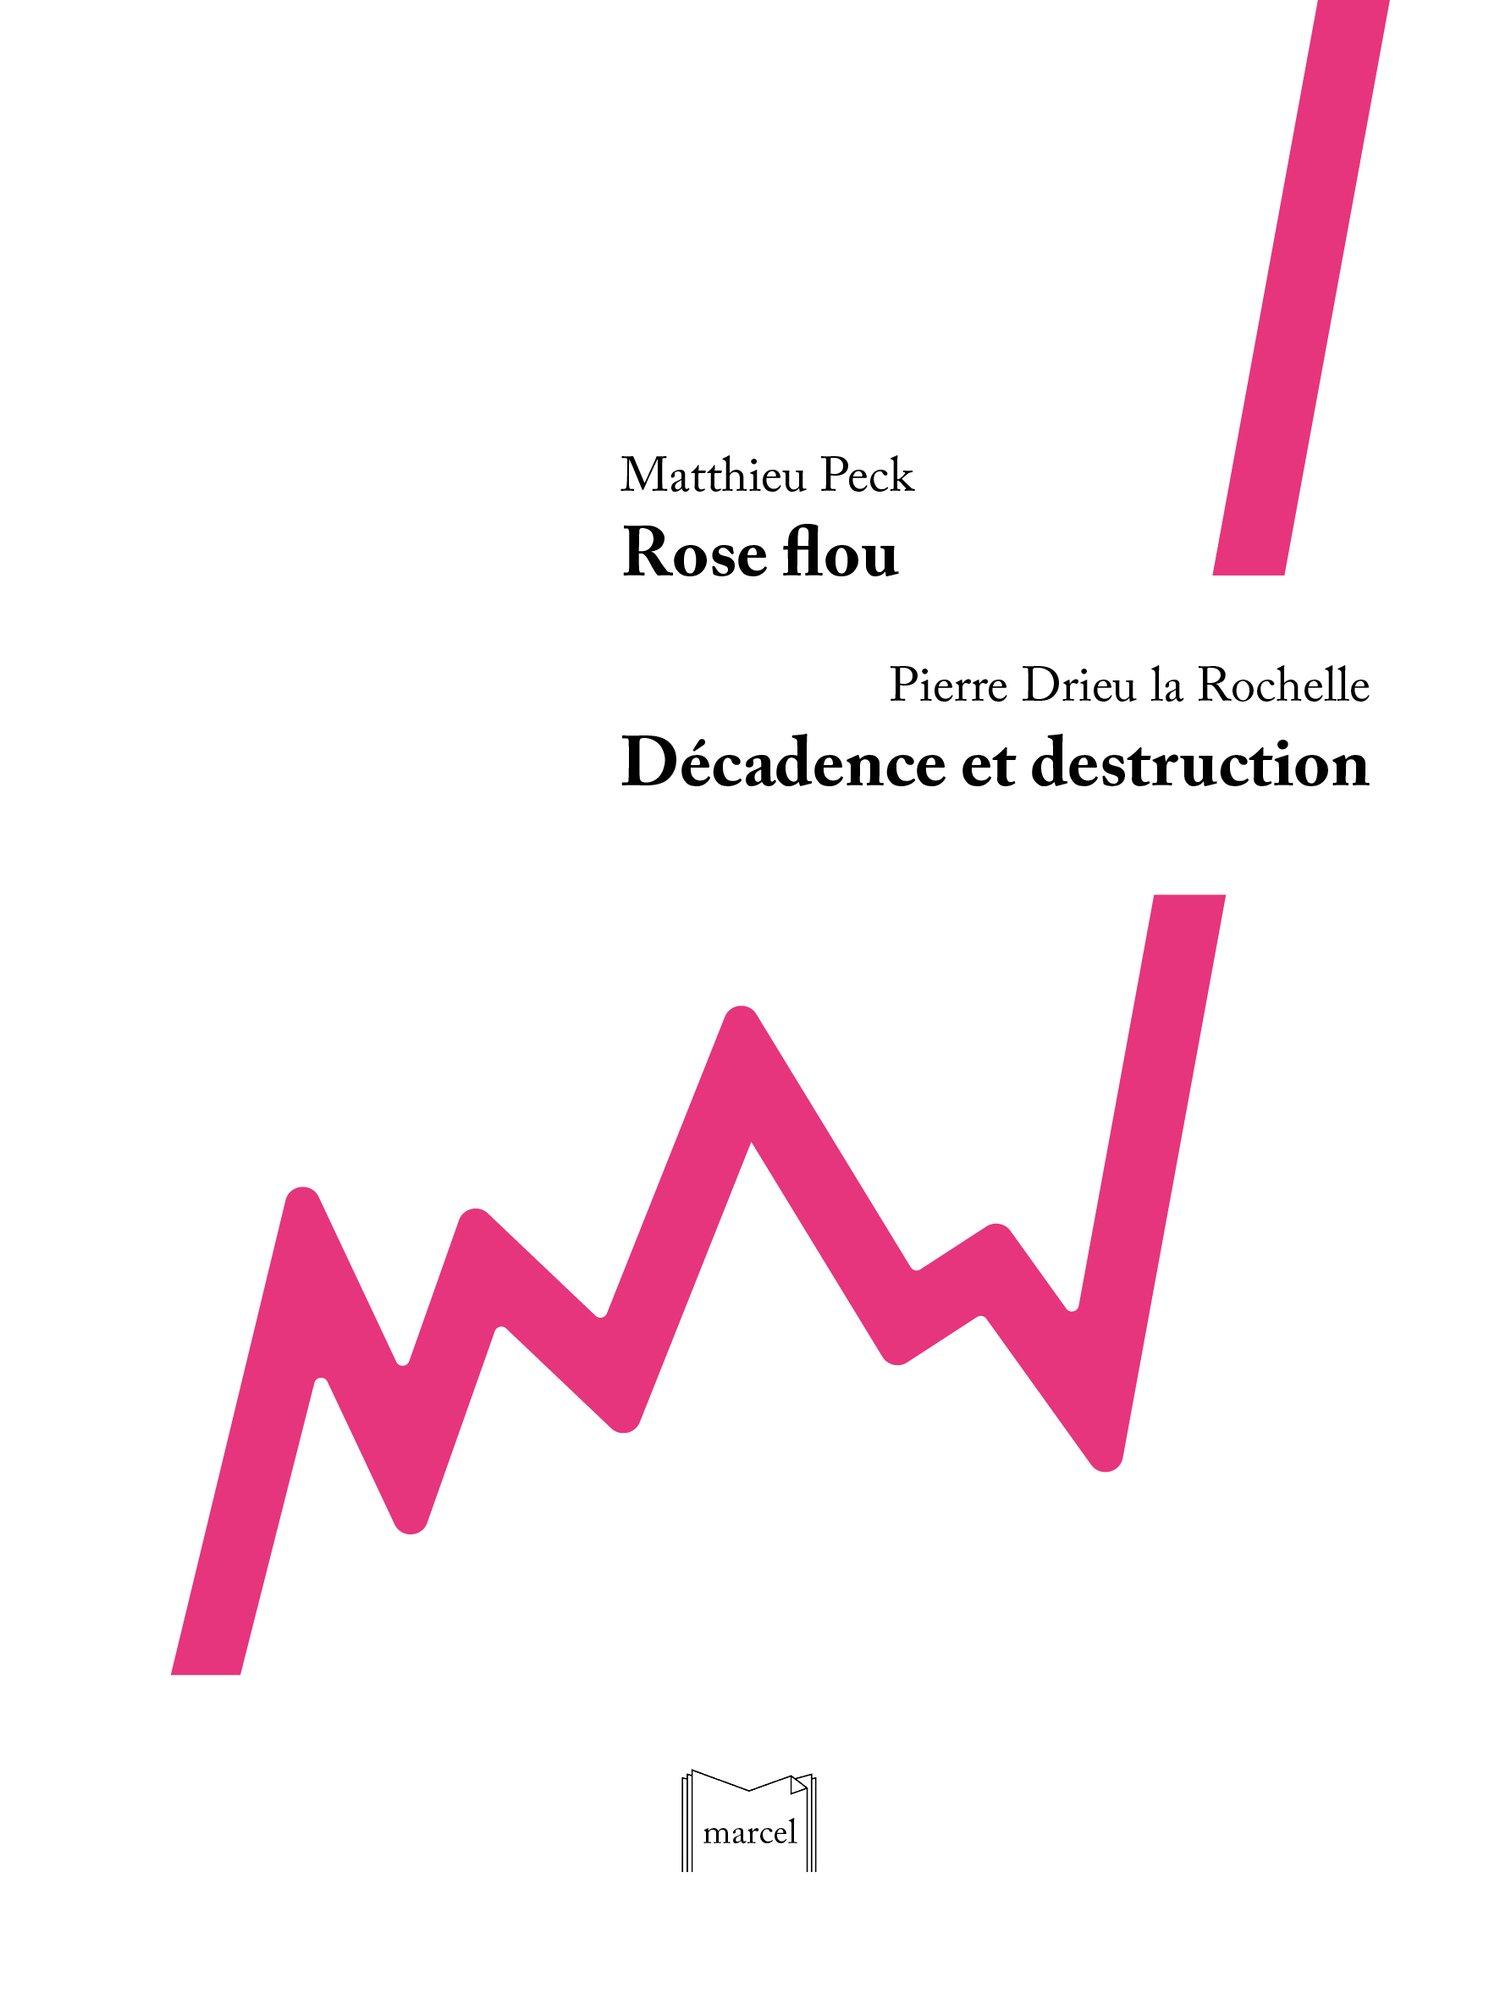 Image of Rose Flou, Matthieu Peck / Décadence et destruction, Pierre Drieu la Rochelle